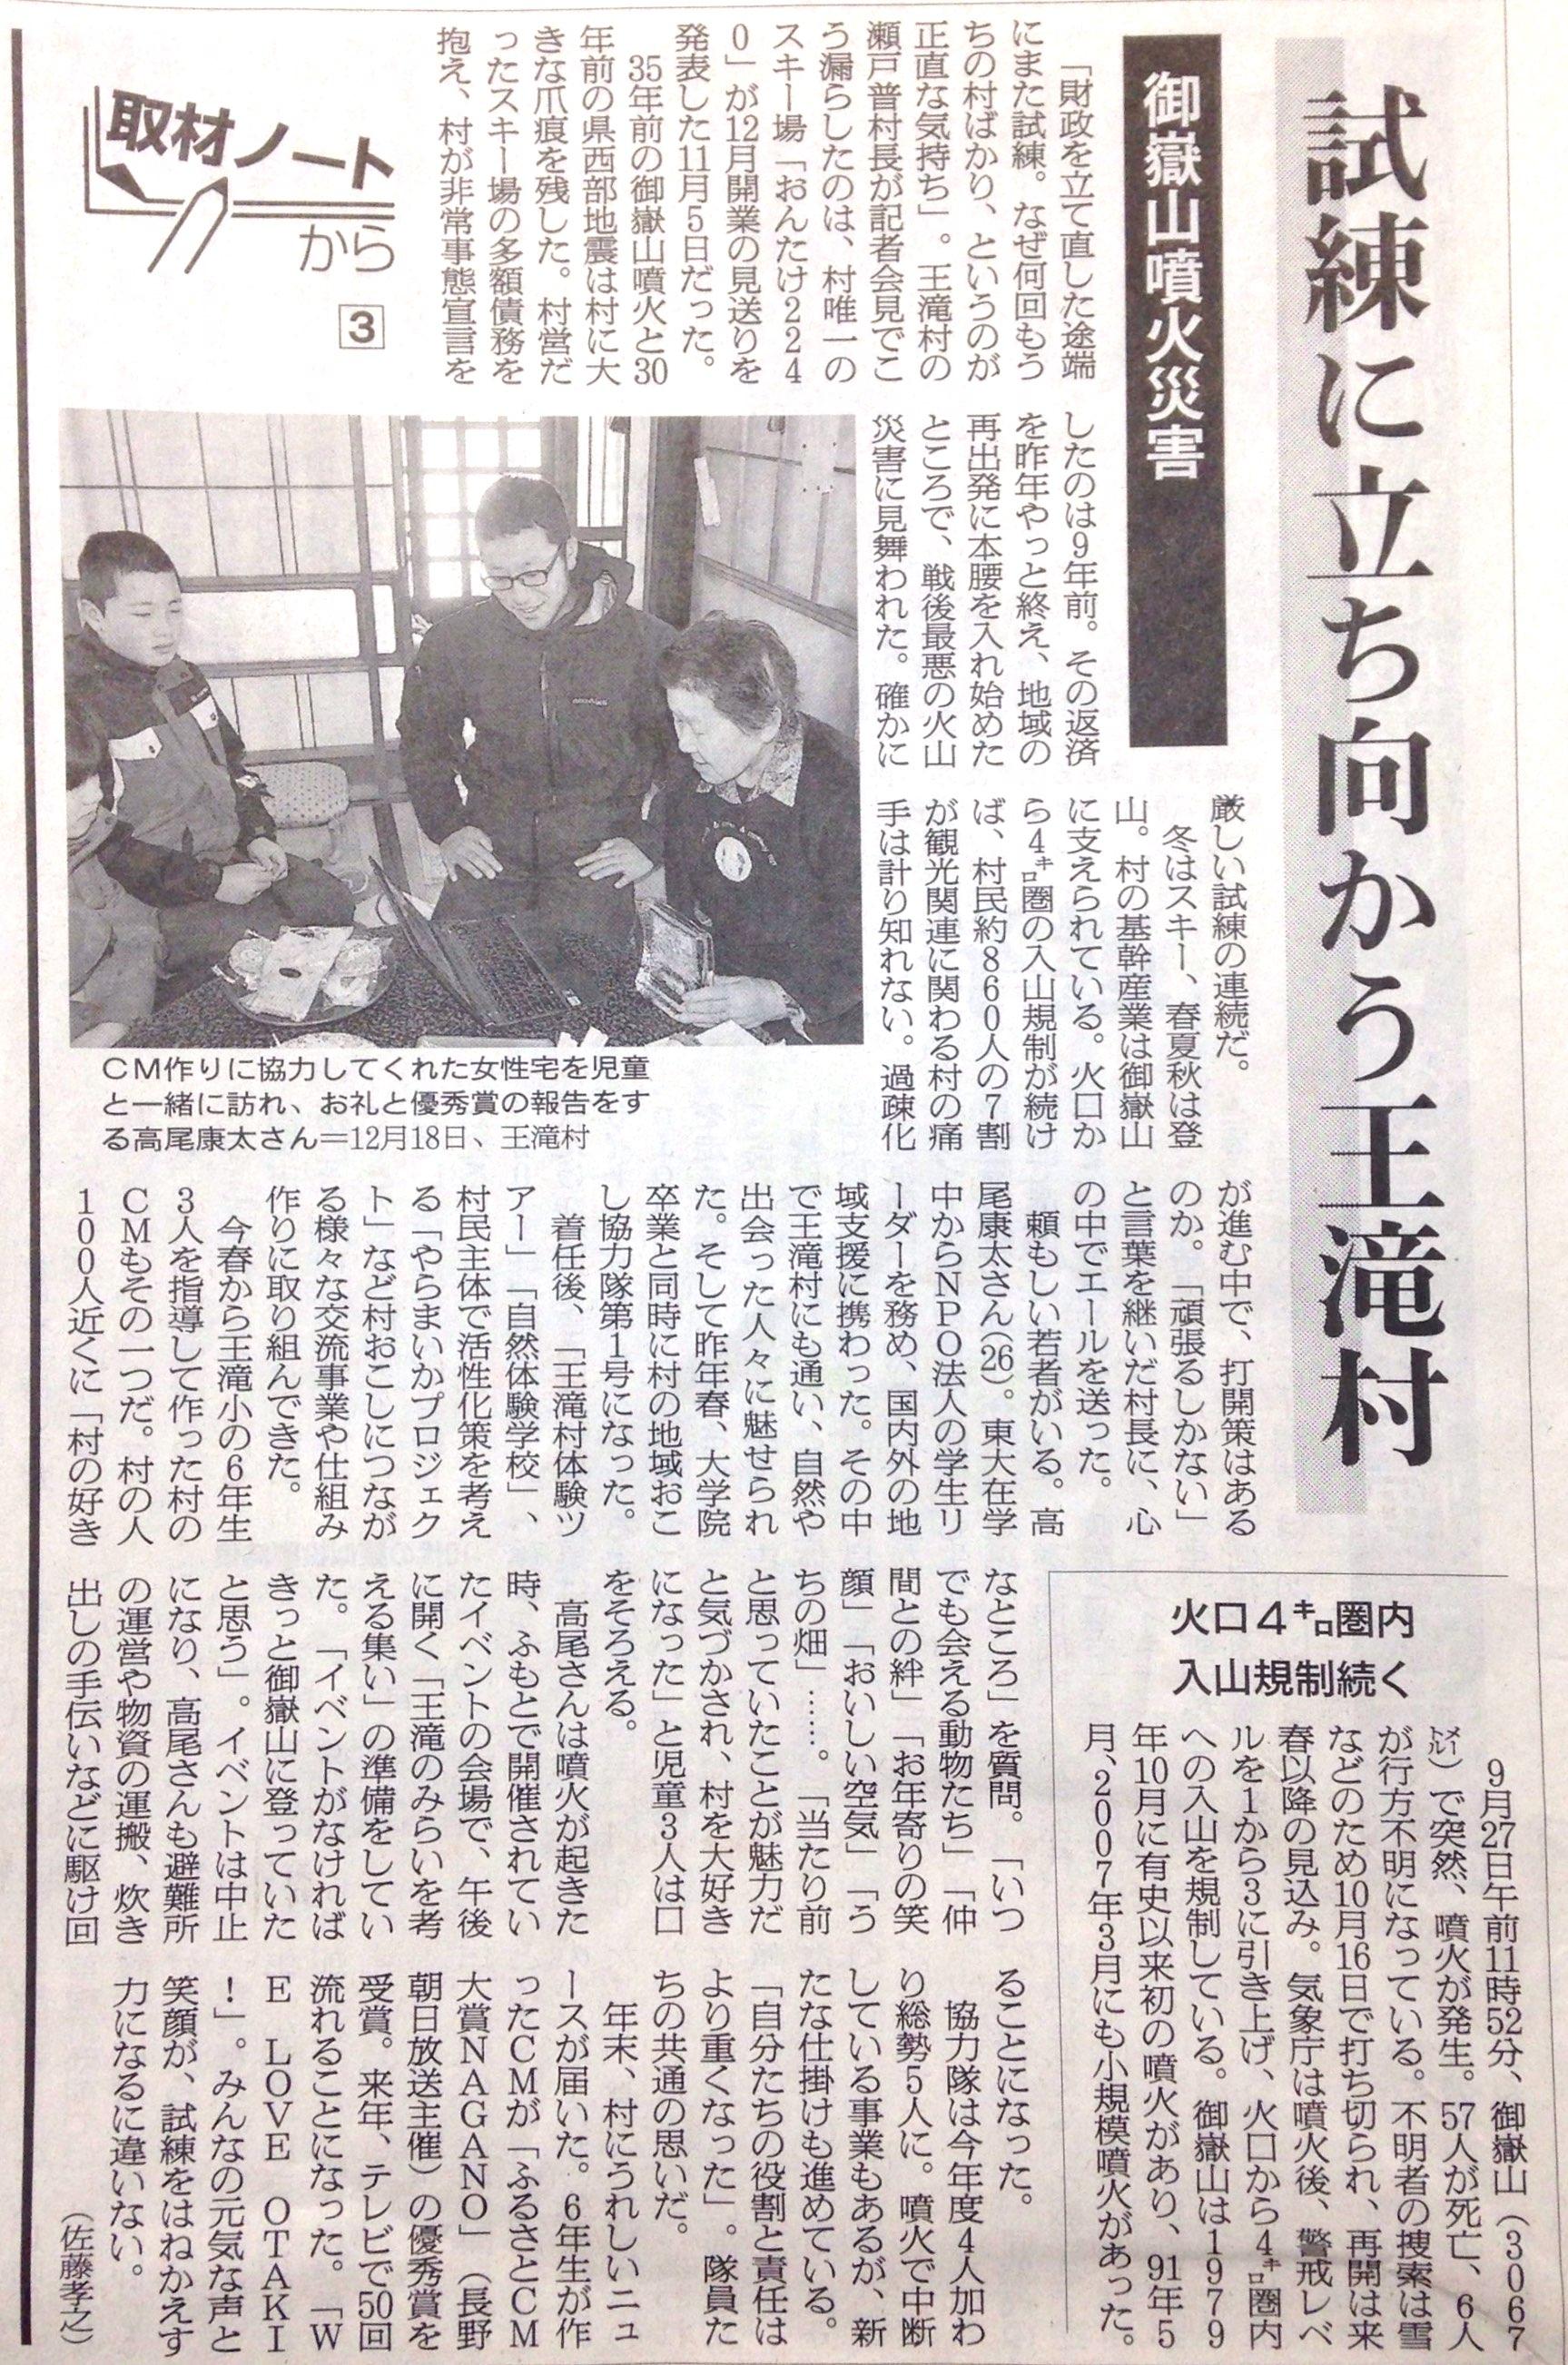 中日新聞長野版1222